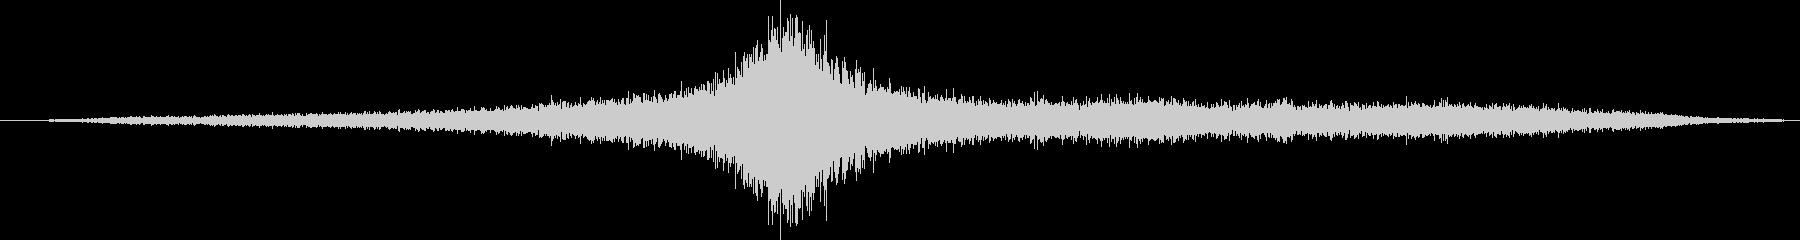 ピックアップトラック:Ext:パス...の未再生の波形